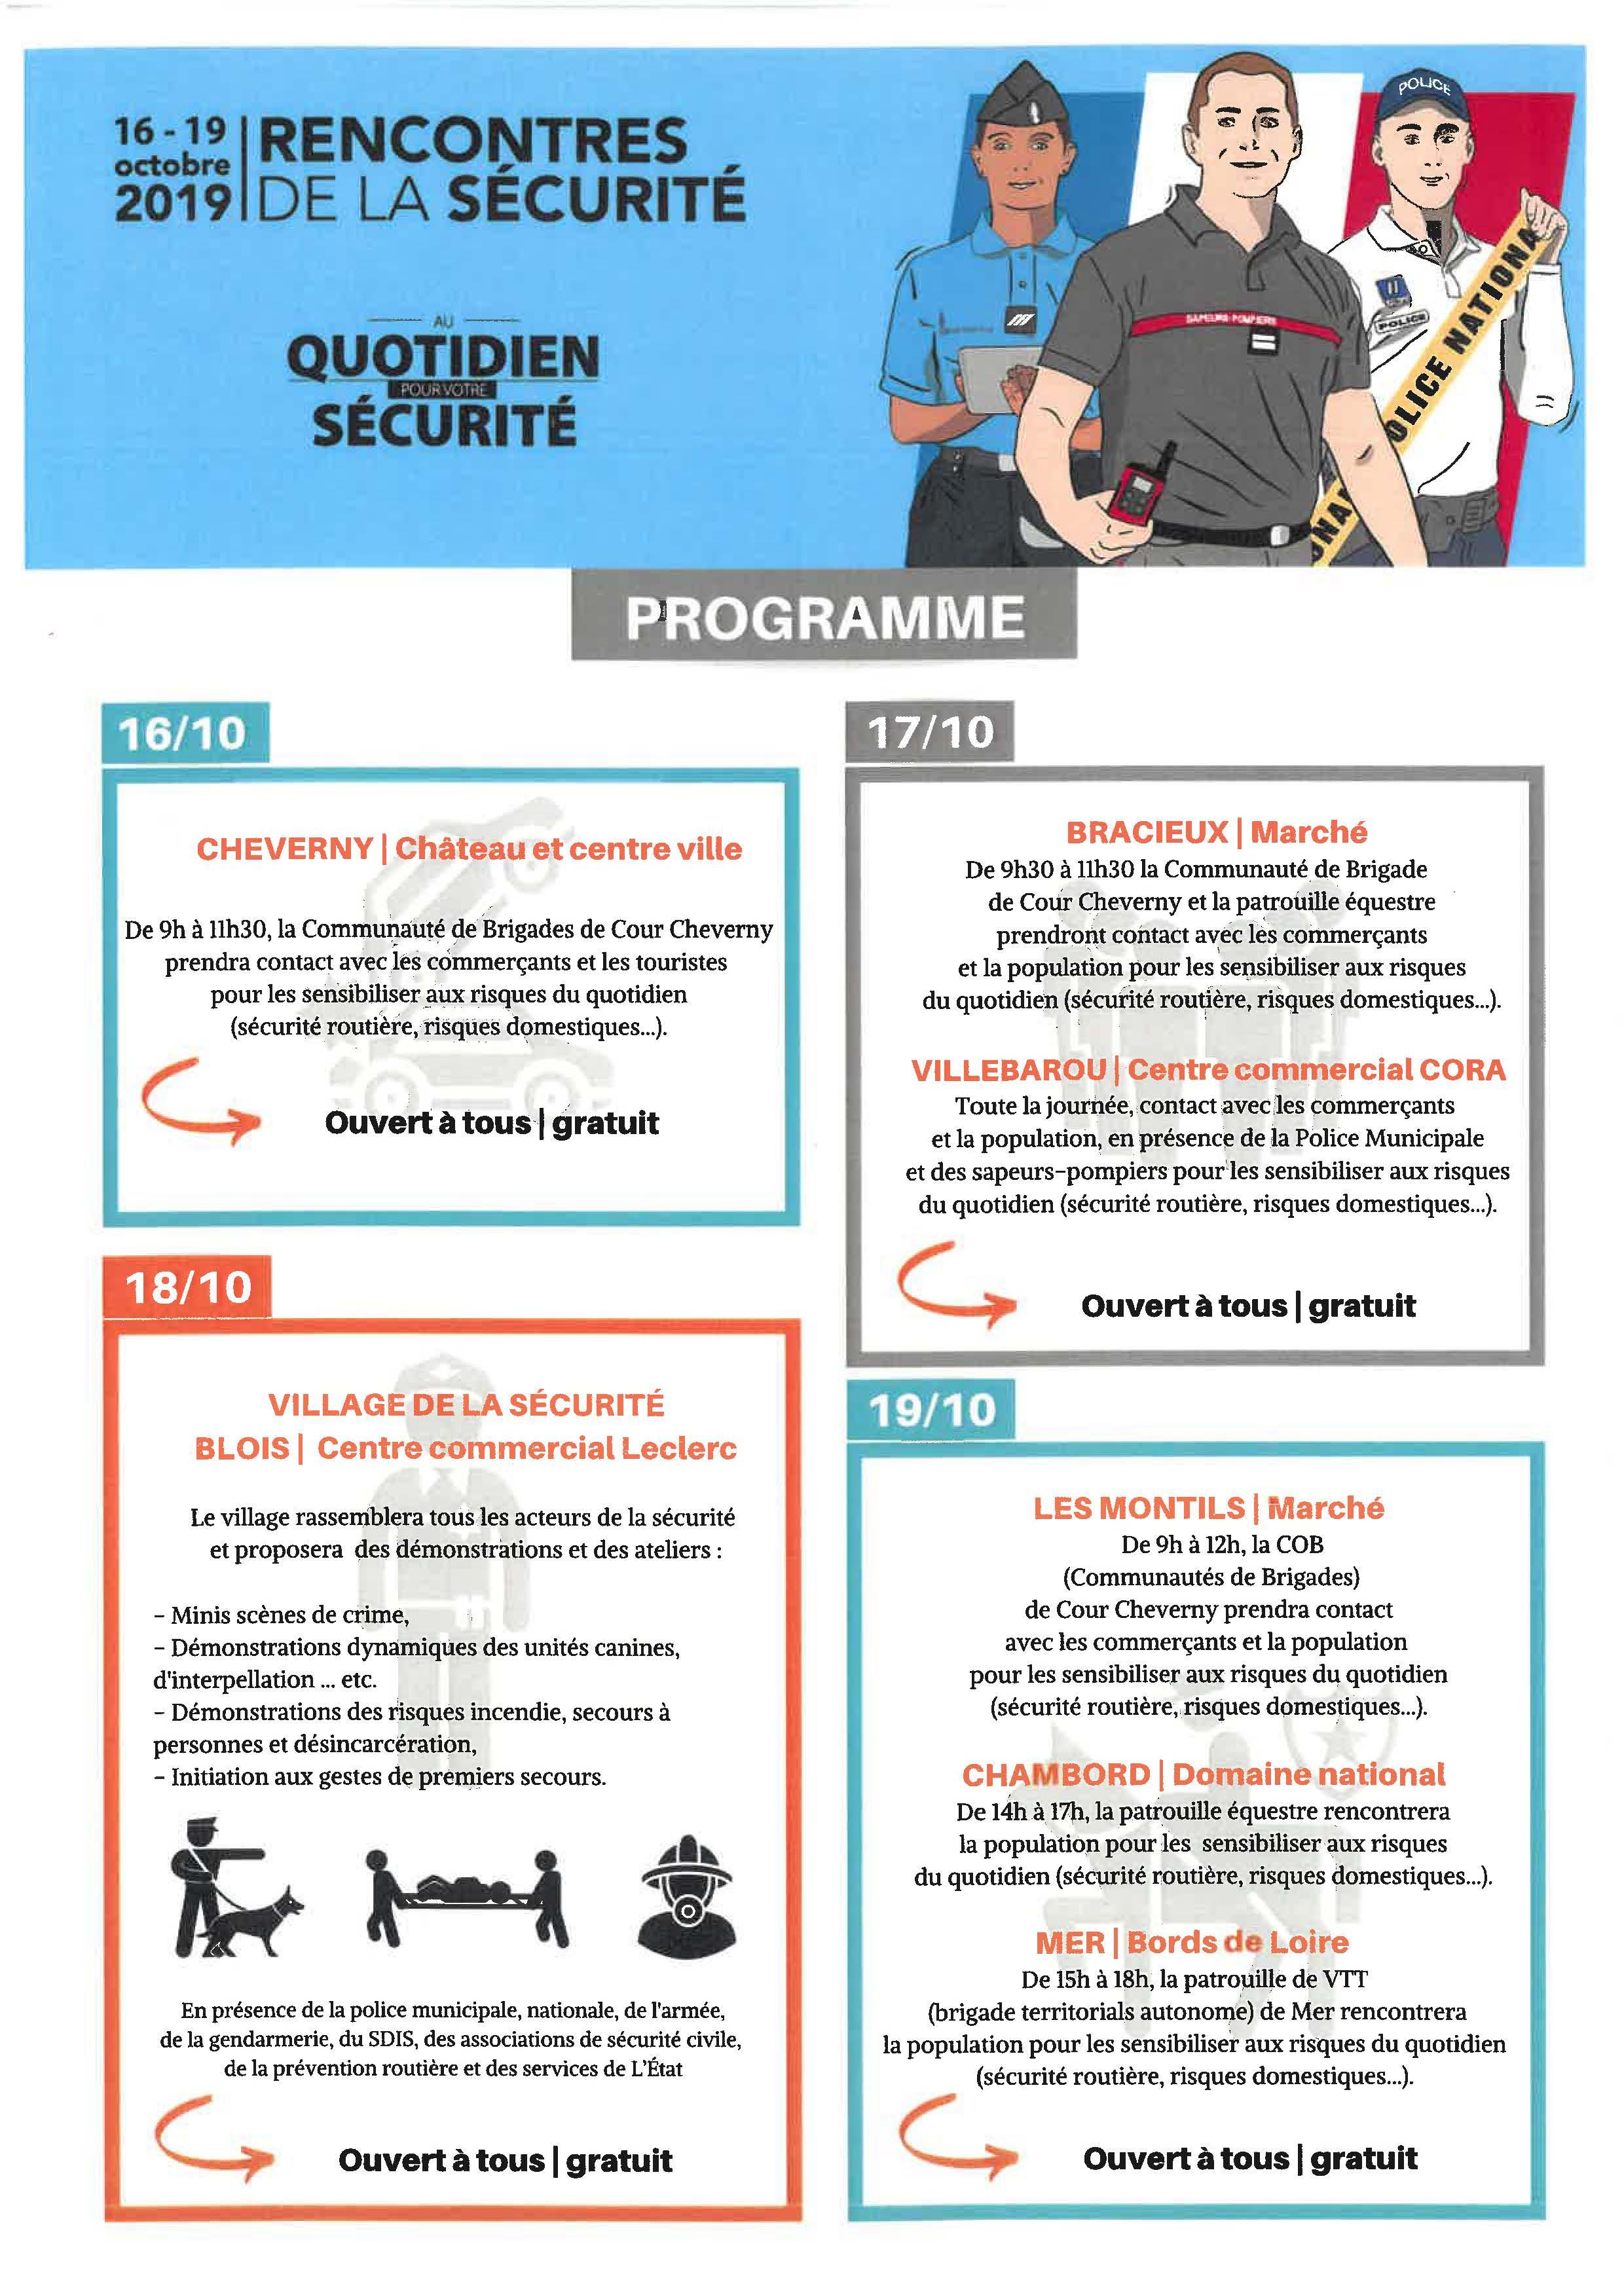 Rencontres de la sécurité à Villebarou